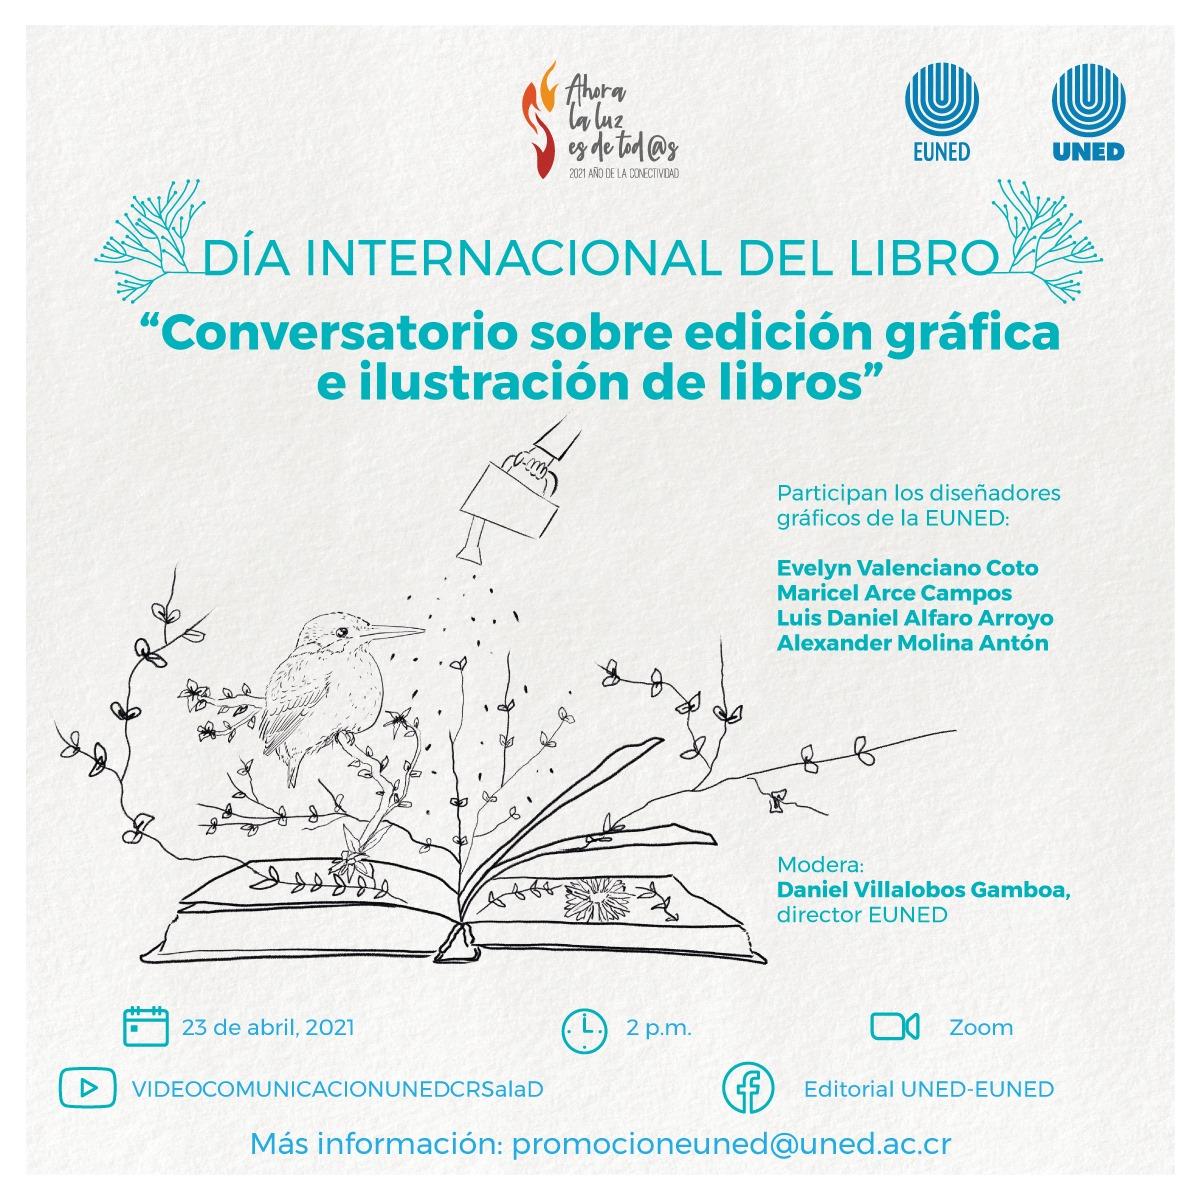 Conversatorio sobre edición gráfica e ilustración de libros